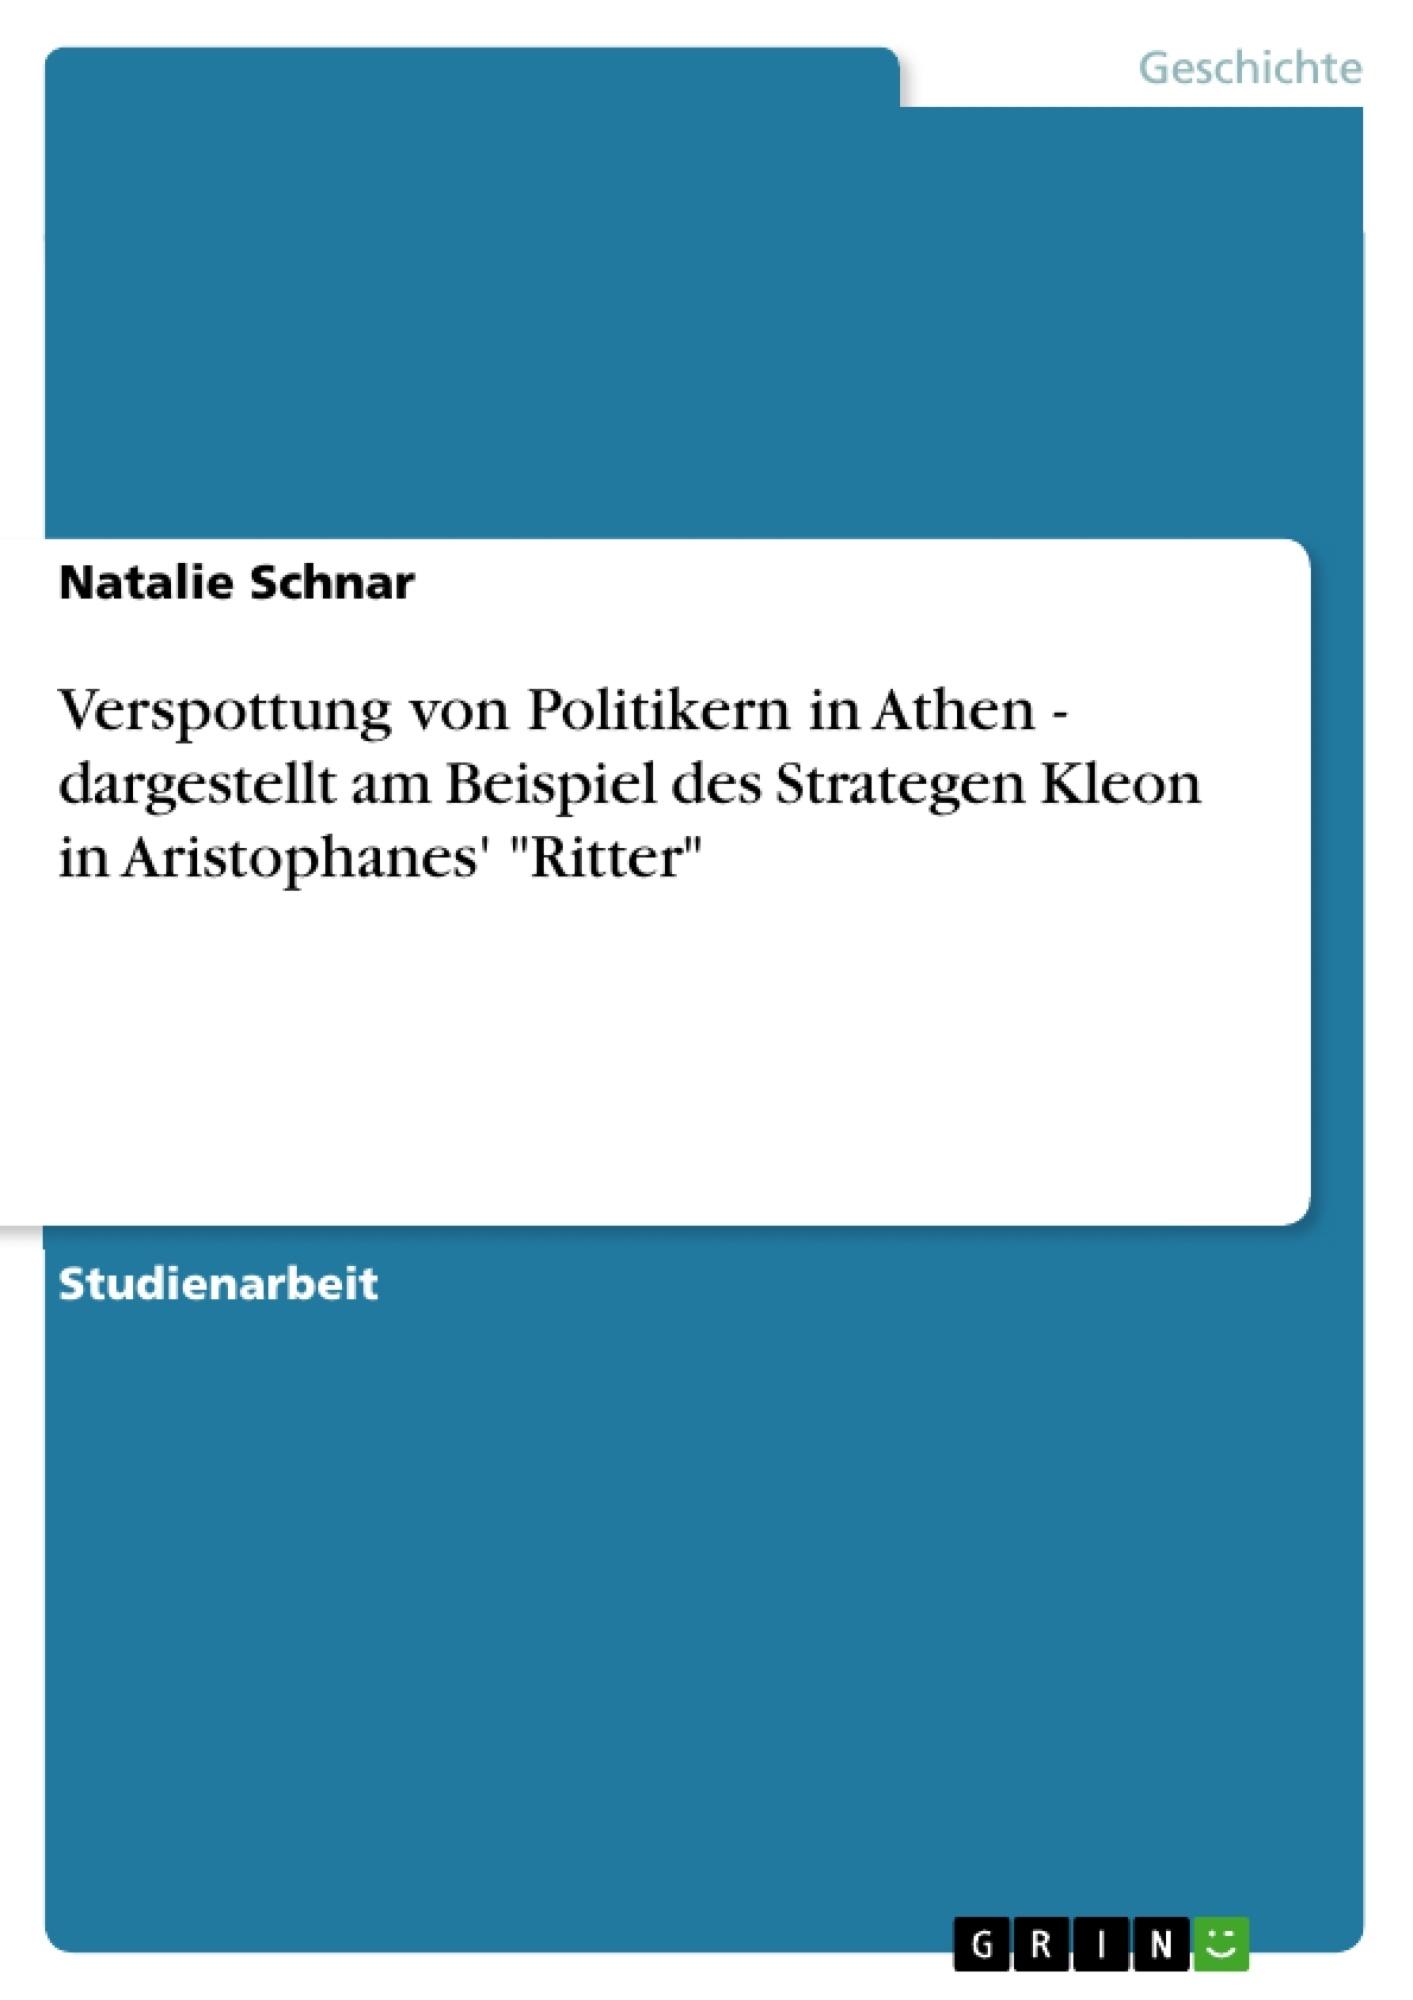 """Titel: Verspottung von Politikern in Athen - dargestellt am Beispiel des Strategen Kleon in Aristophanes' """"Ritter"""""""